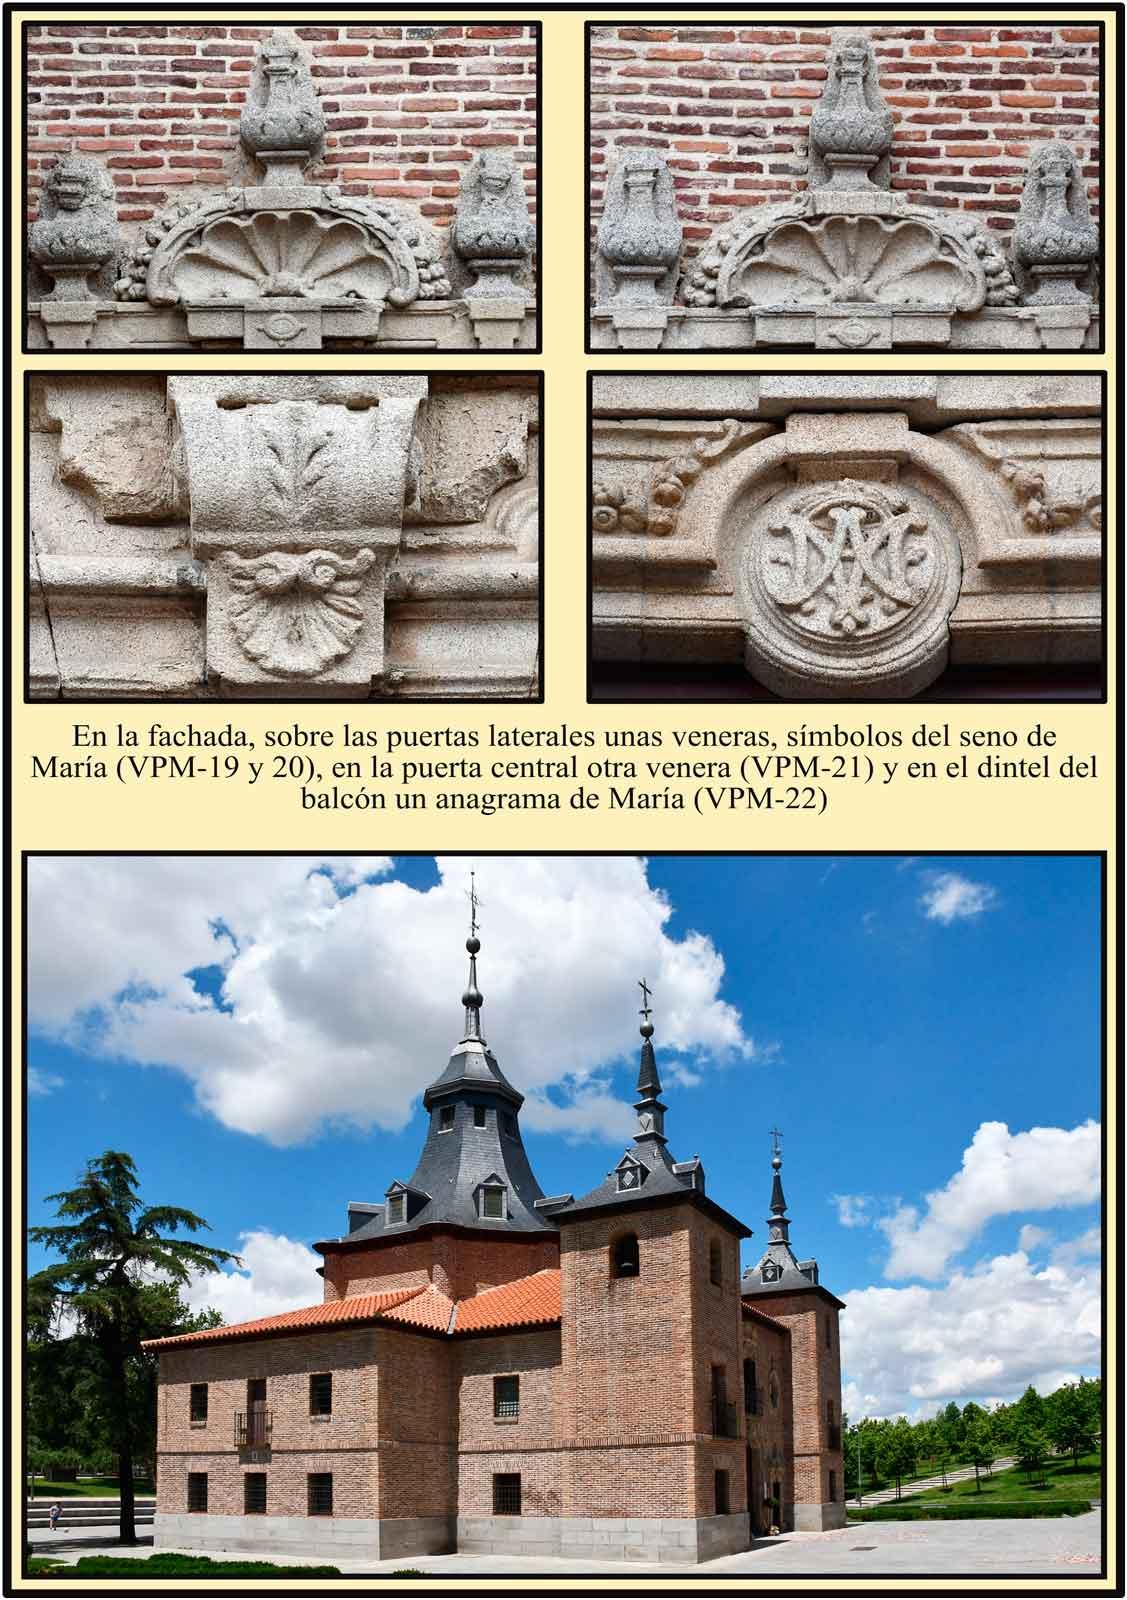 Madrid Simbolos Marianos en la Fachada de La Ermita del Puerto